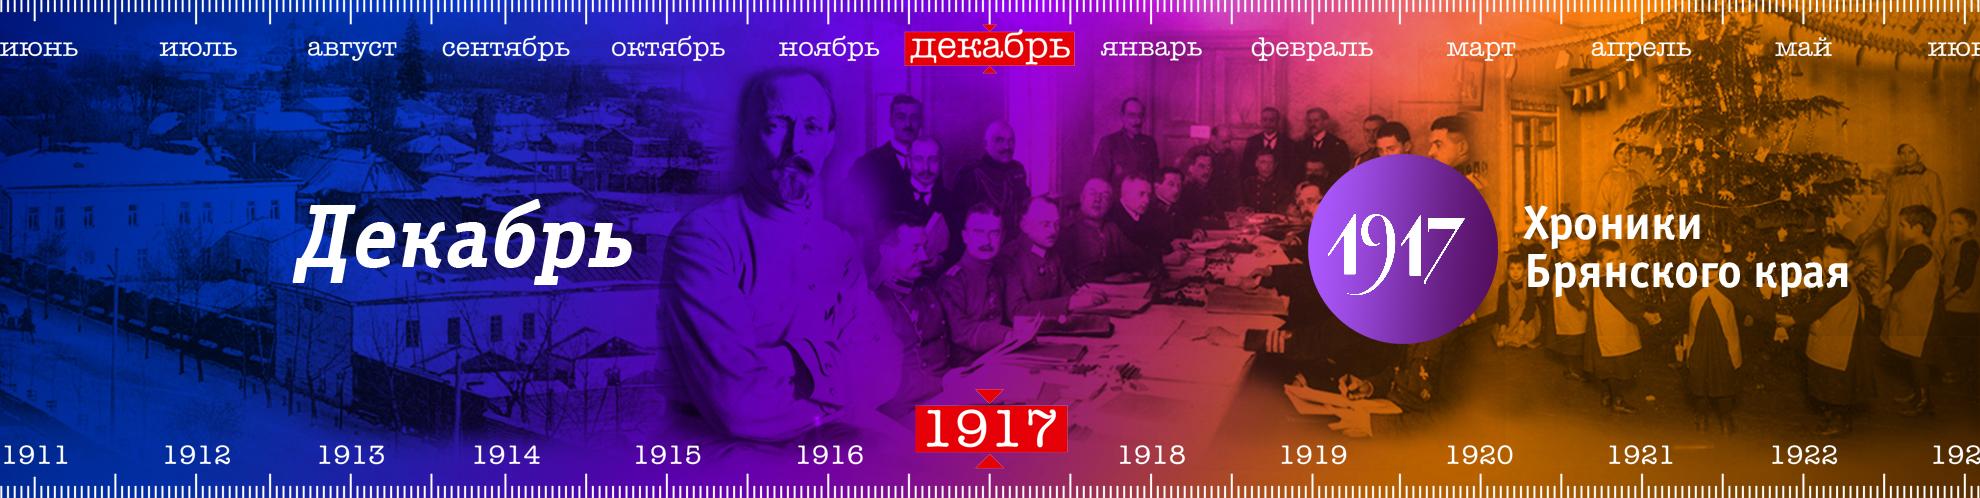 1917. Хроники Брянского края - Декабрь